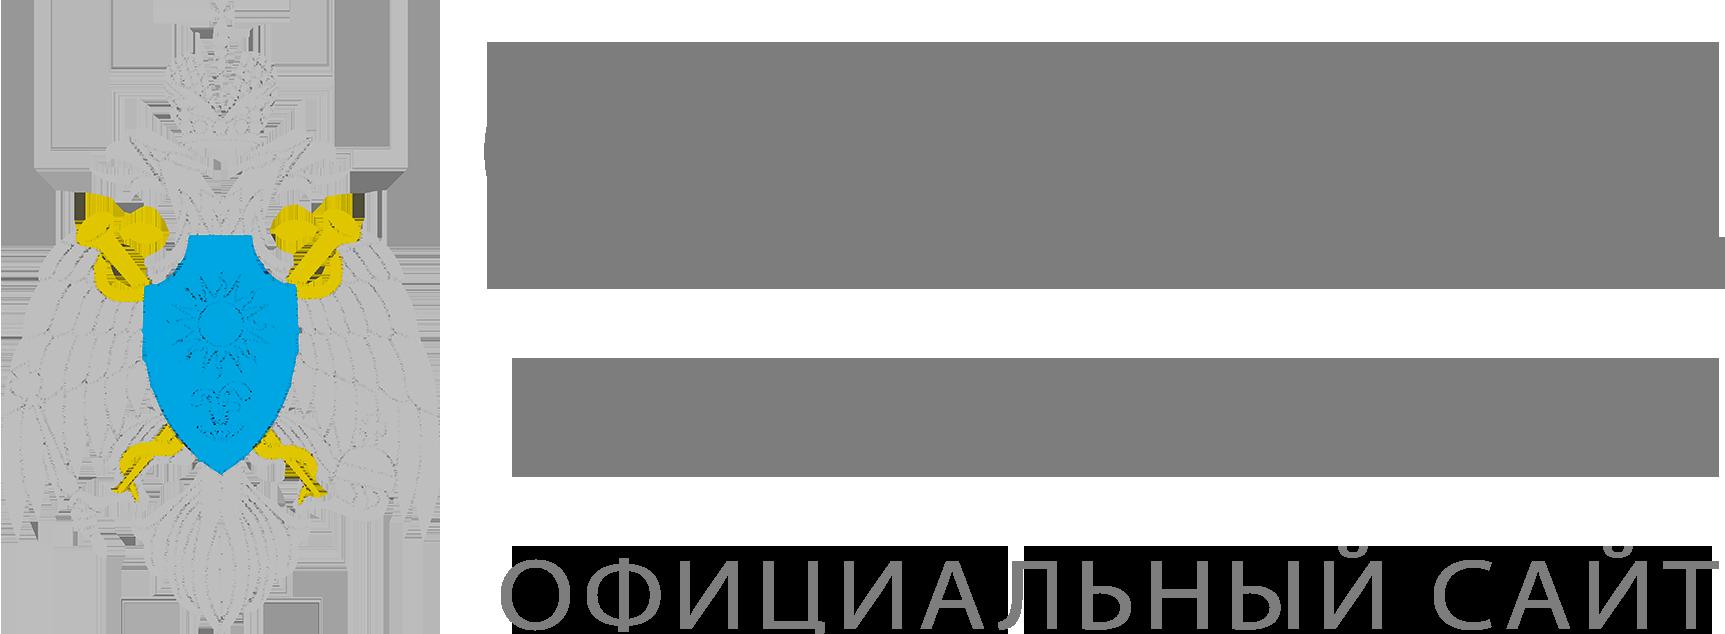 СКССРЦ МЧС России